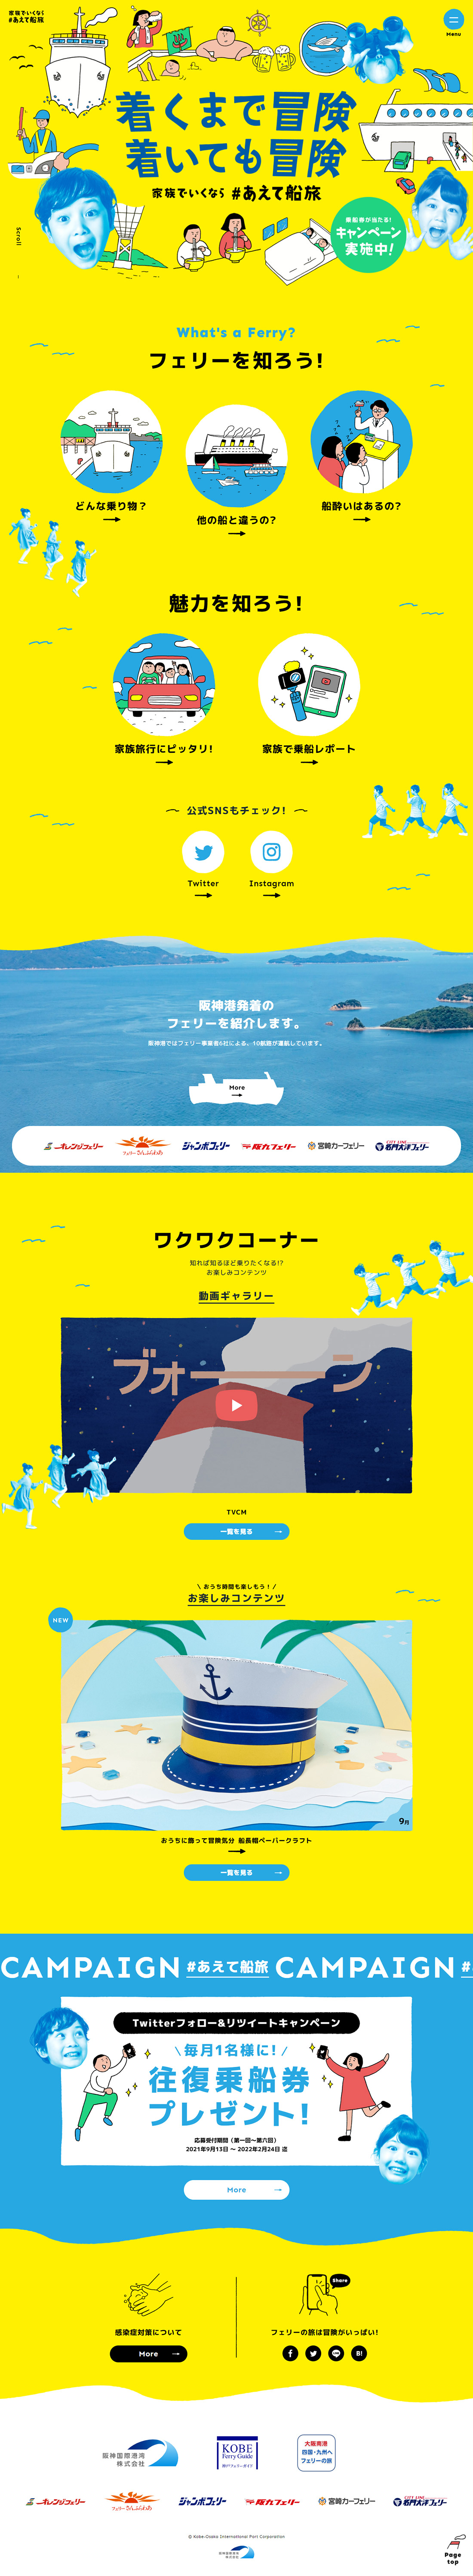 家族でいくなら#あえて船旅 | 阪神国際港湾株式会社